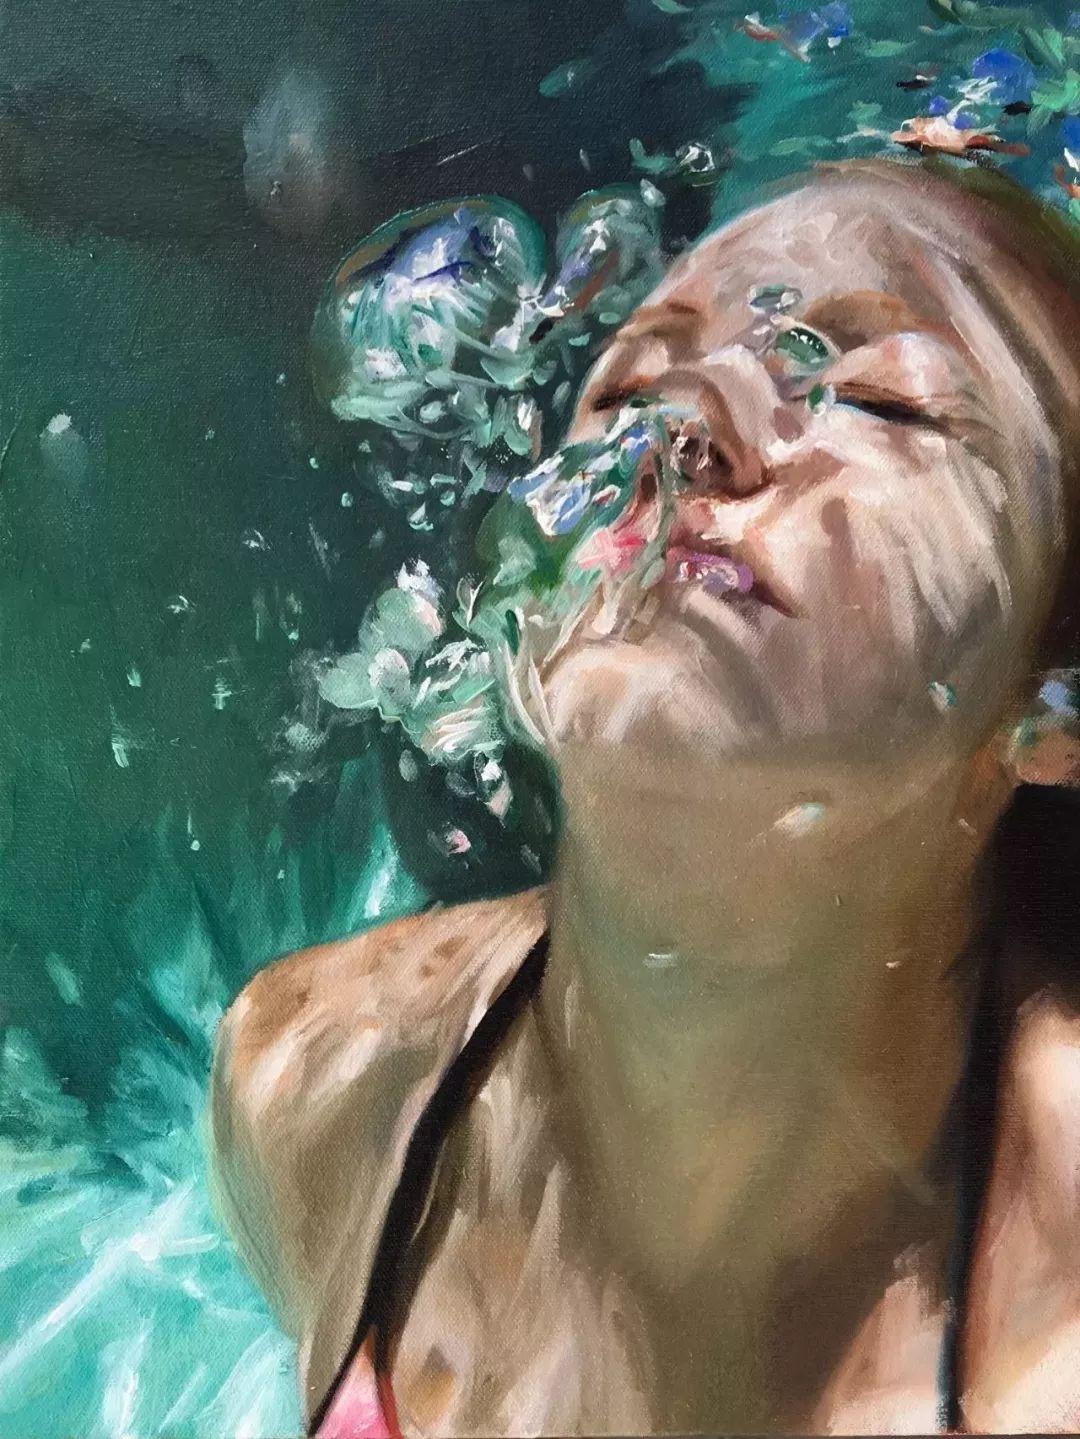 炎炎夏日90后美女画家,不拼颜值拼画功,绘出水下美女淋漓细节插图11